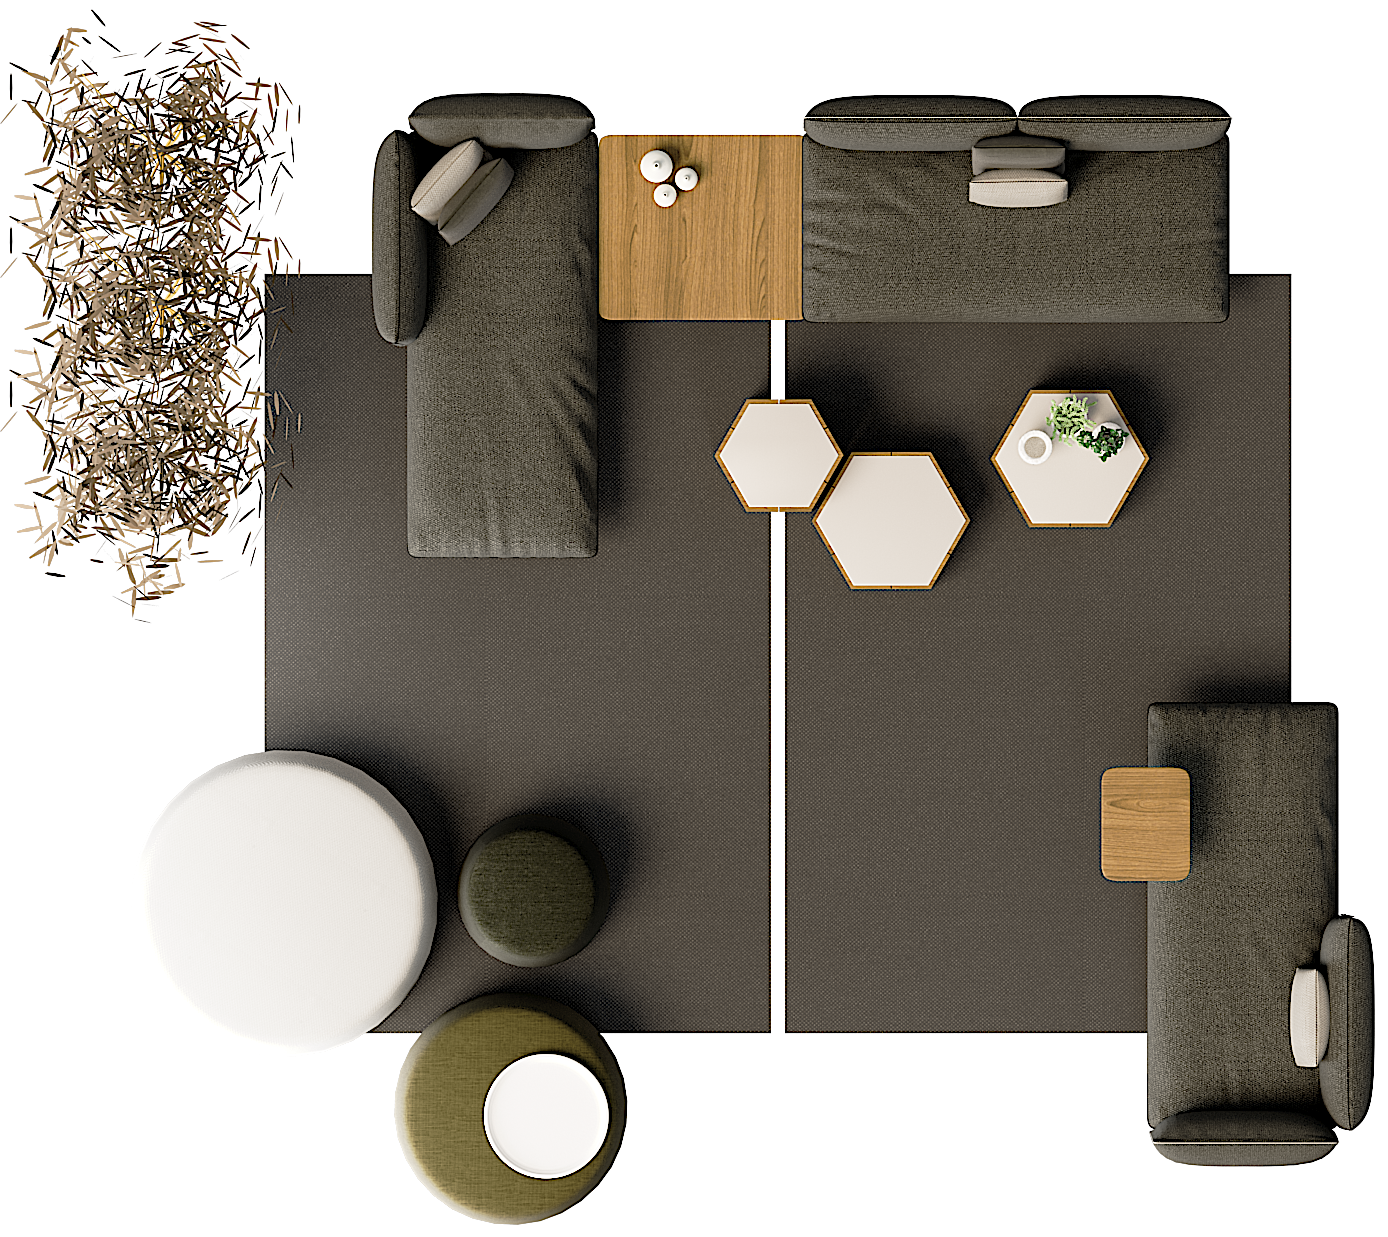 Senja Sofa Living Room Top View Showroom Interior Design Furniture Layout